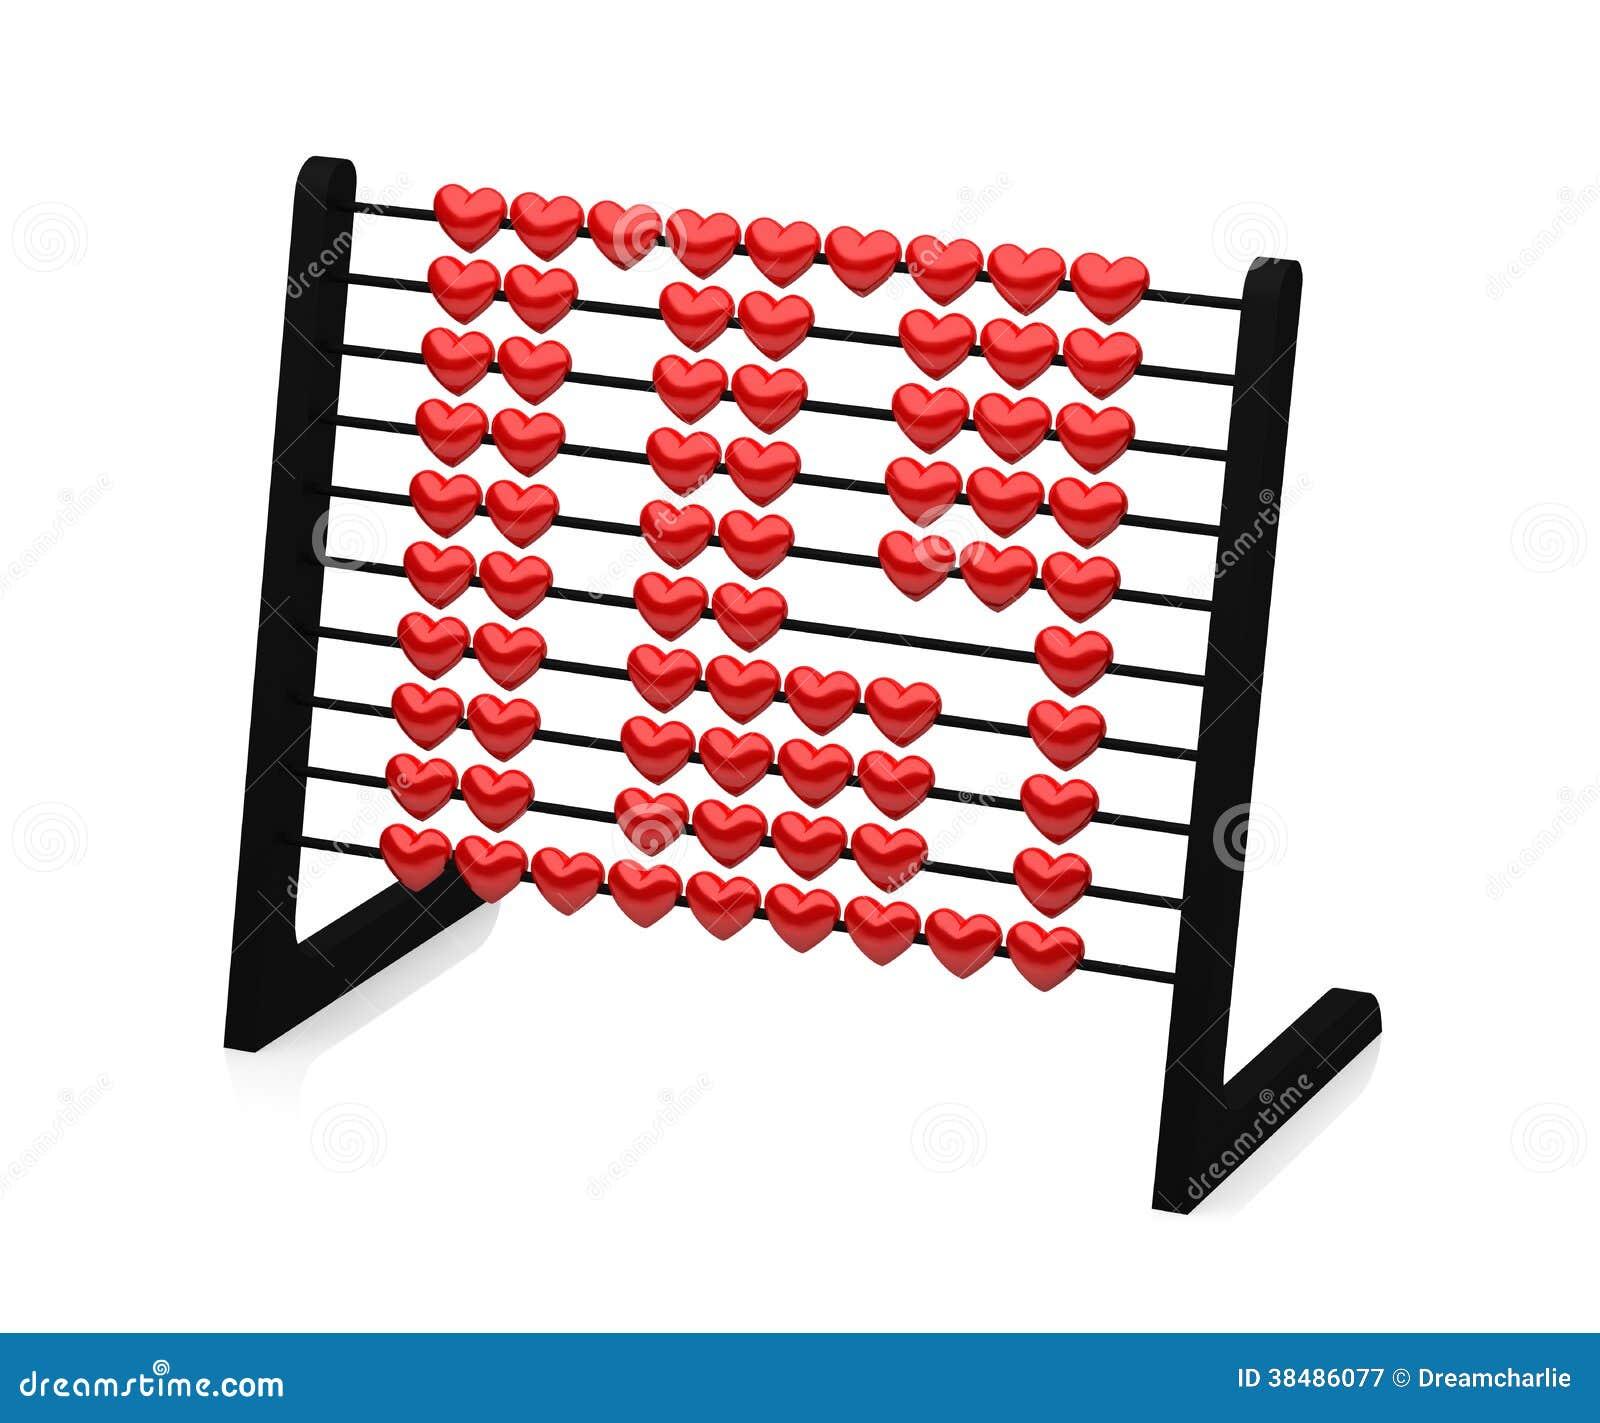 Μαύρος άβακας με τις κόκκινες καρδιές που επεξηγούν τον αριθμό δεκατέσσερα - τρισδιάστατη απόδοση -